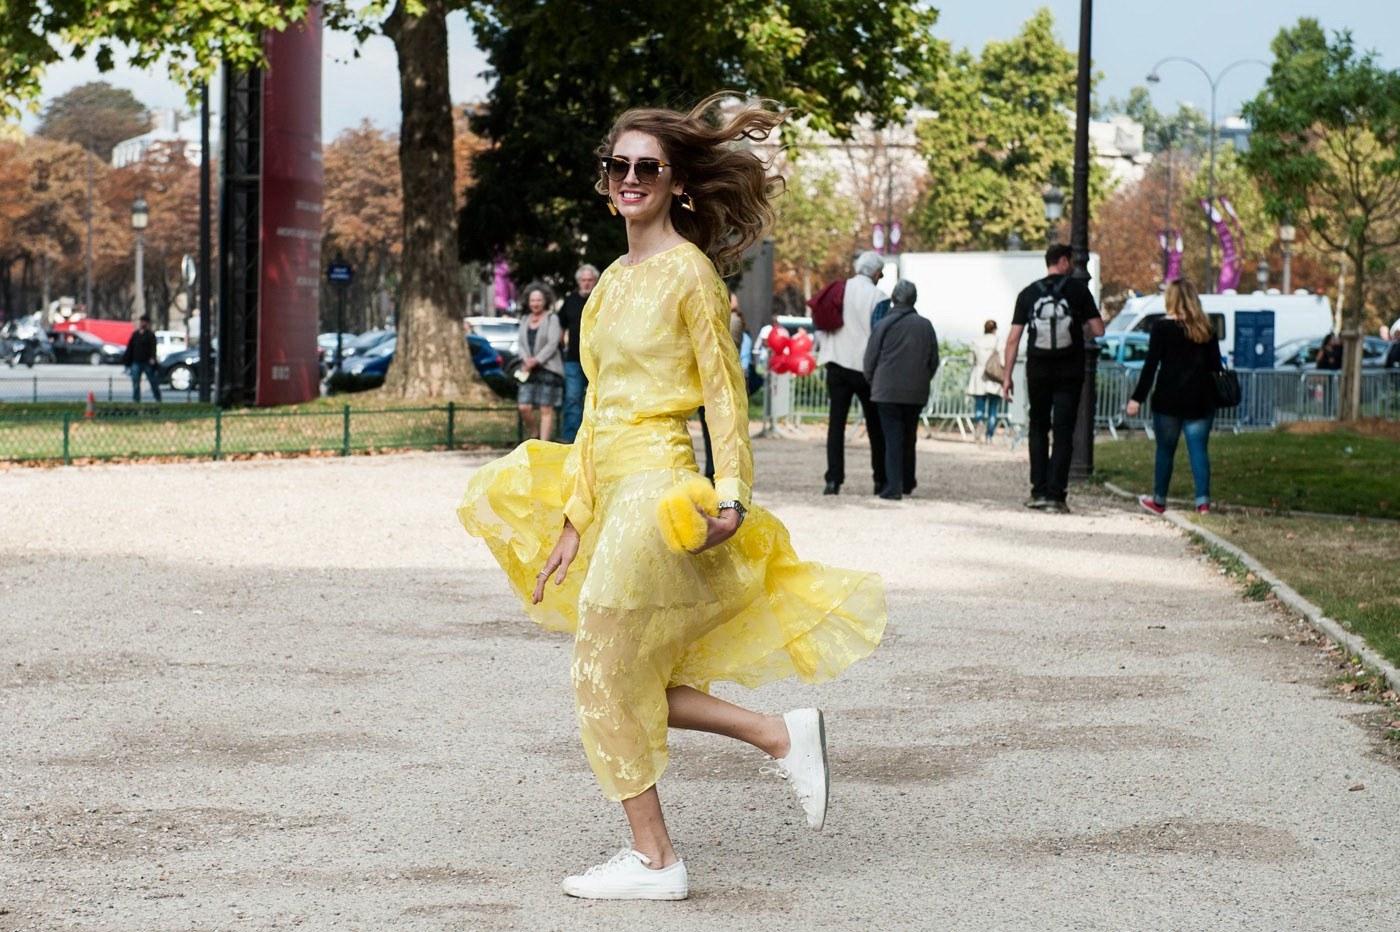 Design Baju Resepsi Pernikahan Muslimah E6d5 Datang Ke Acara Pernikahan Menggunakan Sneakers why Not